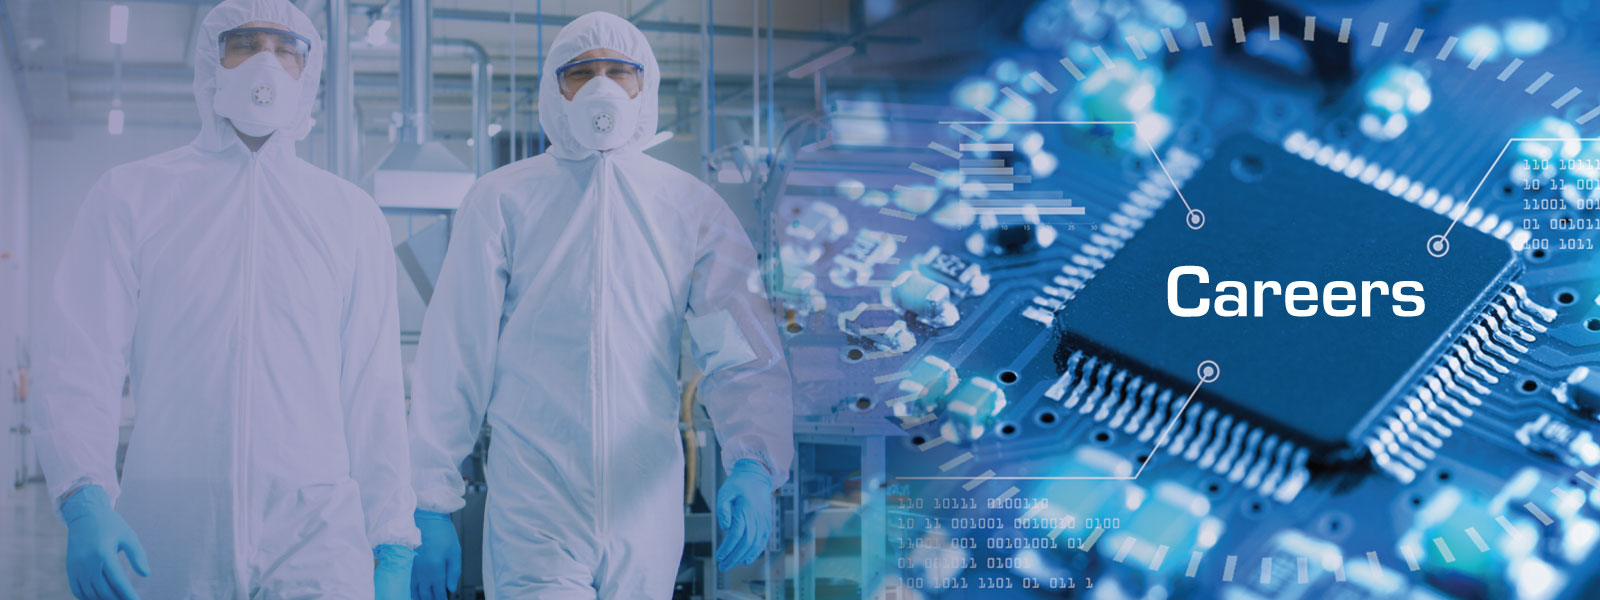 Careers at V5 Semiconductors | v5Semiconductors